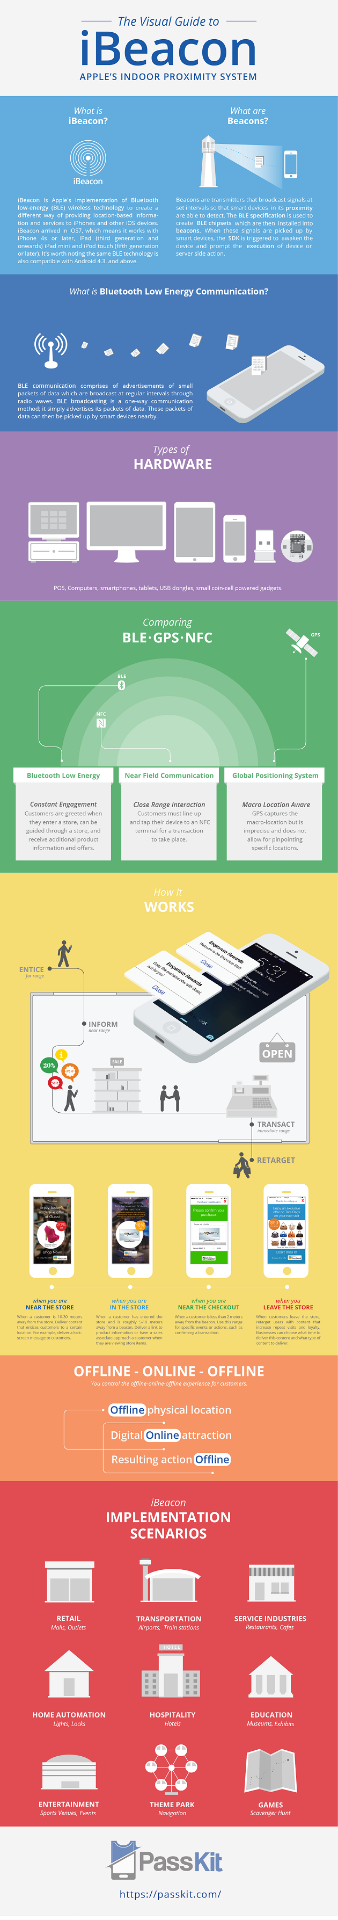 ibeacon proximity services infographic passkit